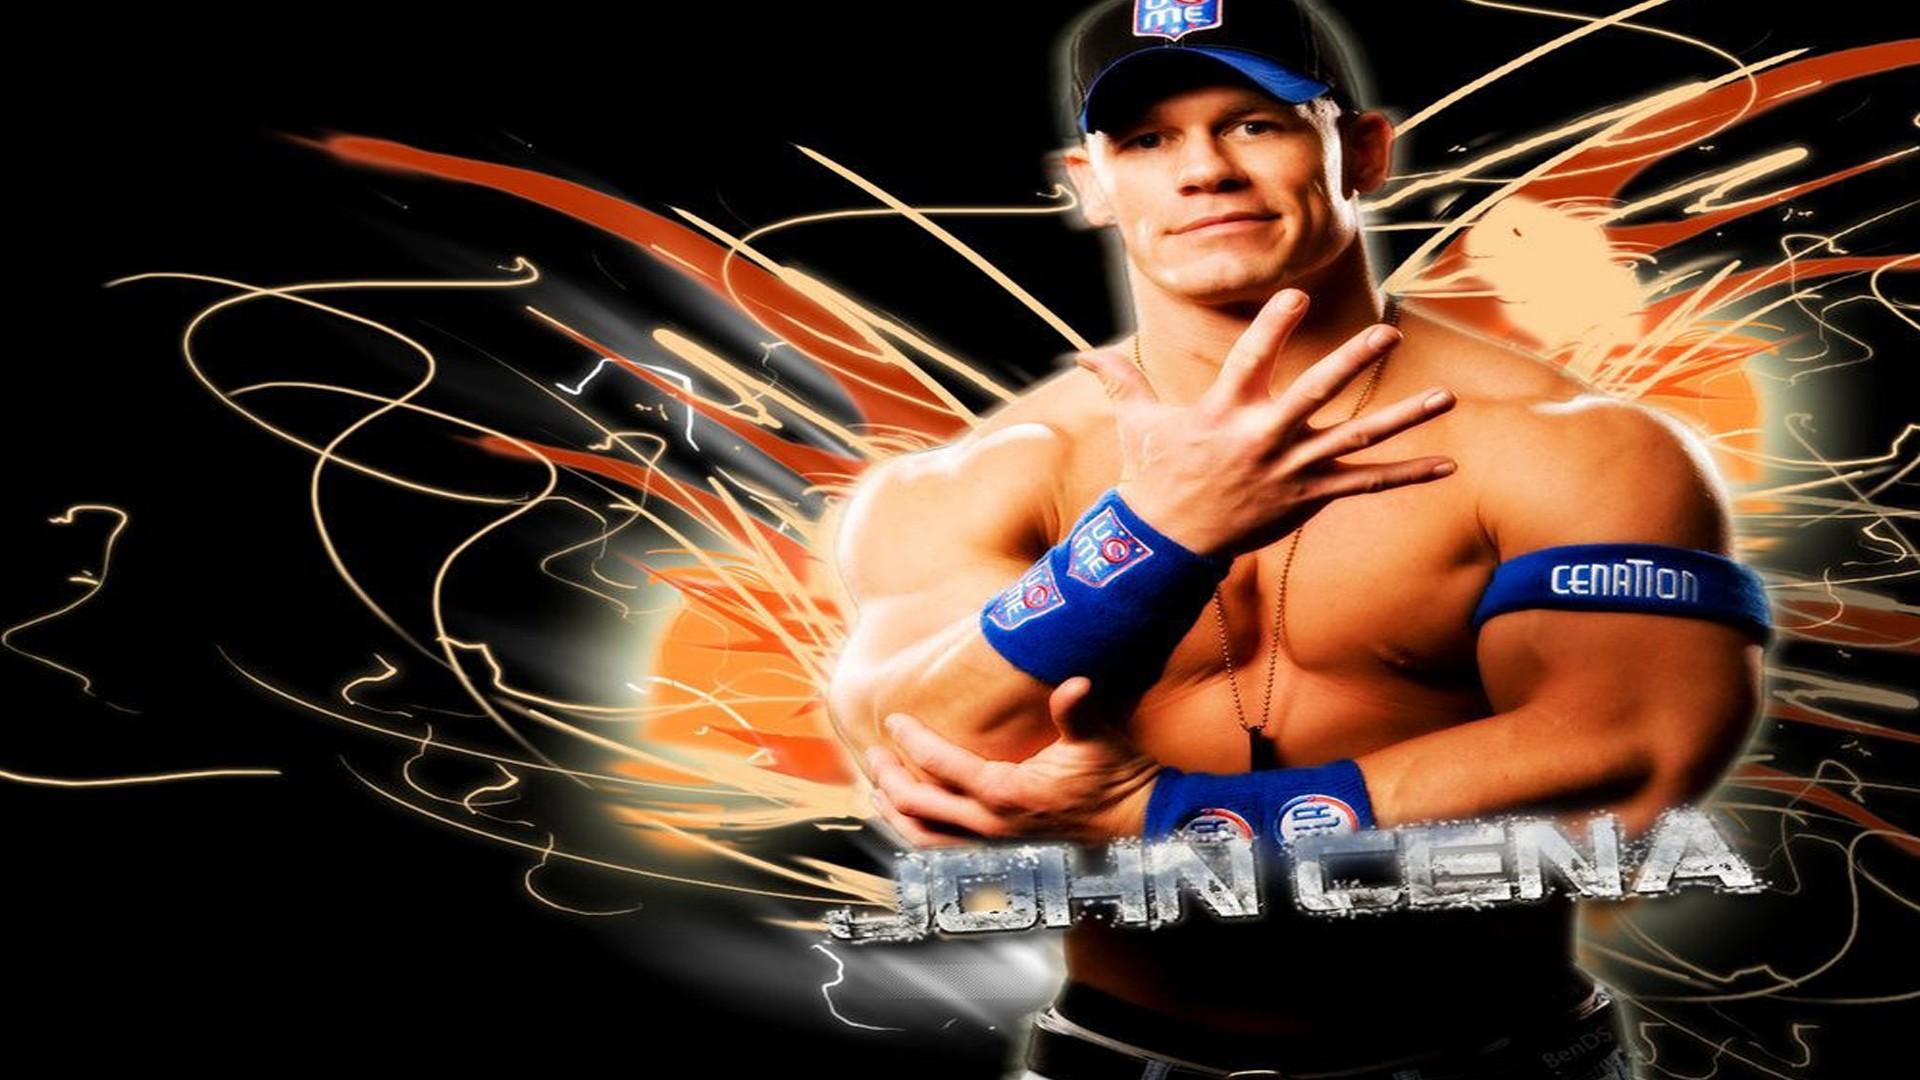 John Cena Body Wallpaper 2018 (54+ images)